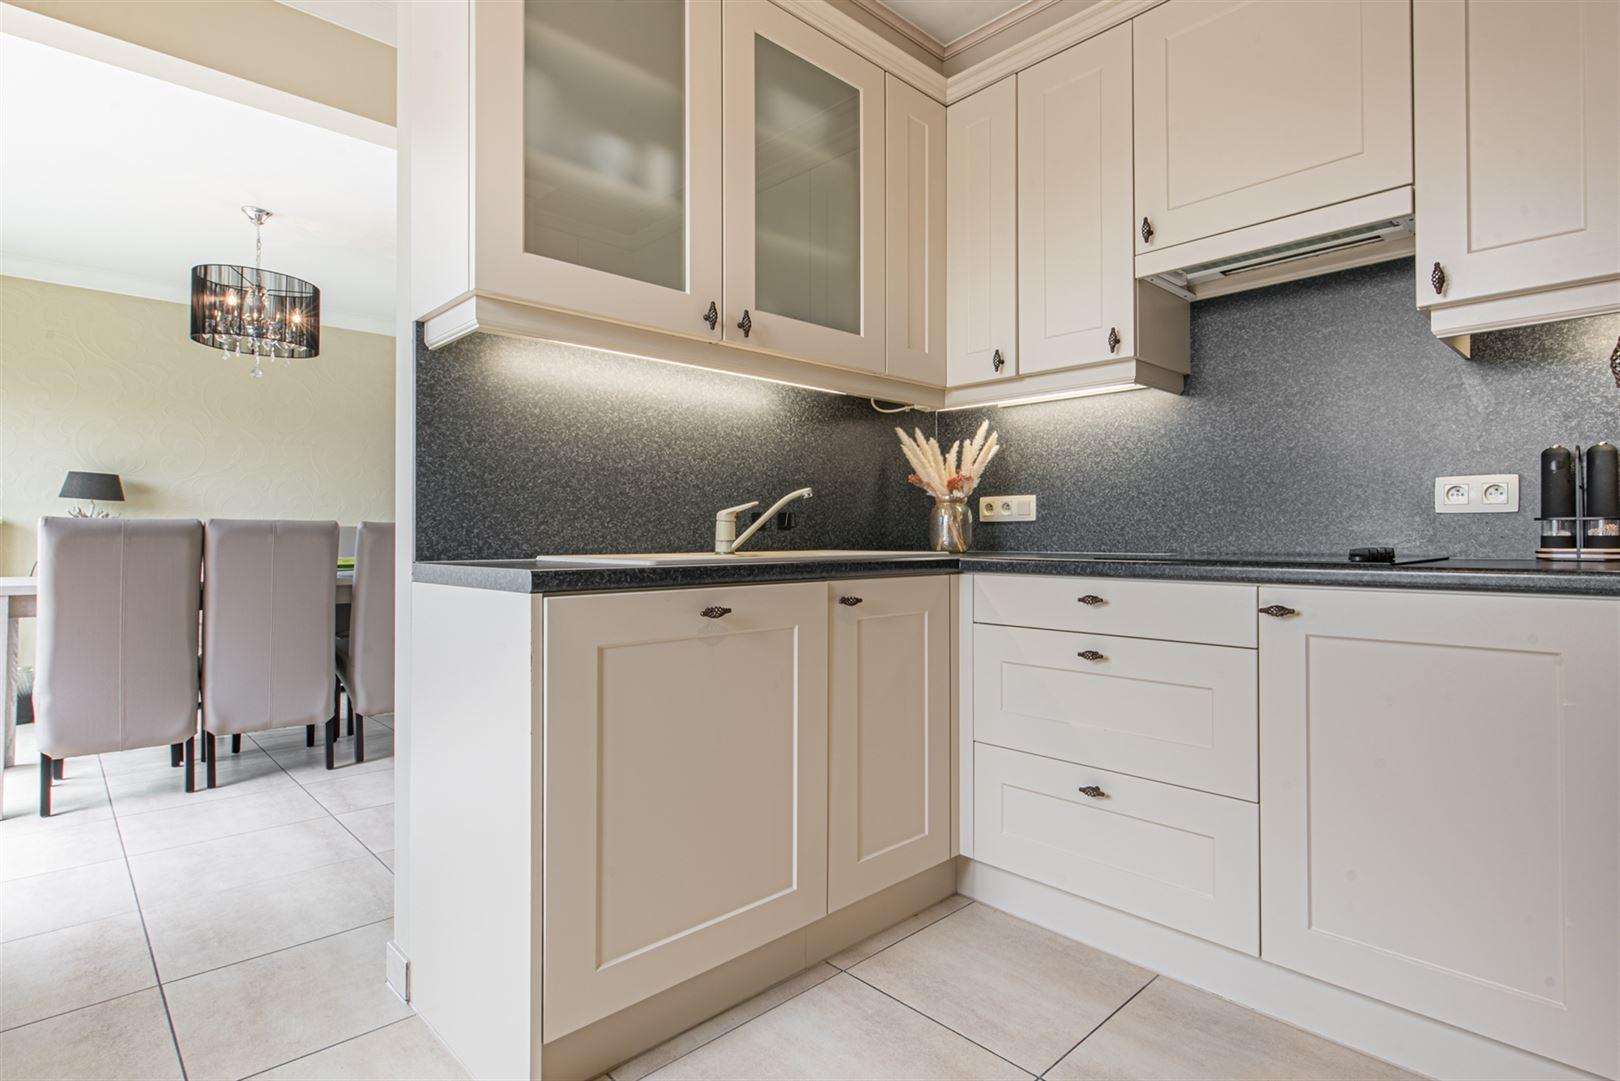 Foto 4 : Appartement te 9240 ZELE (België) - Prijs € 295.000